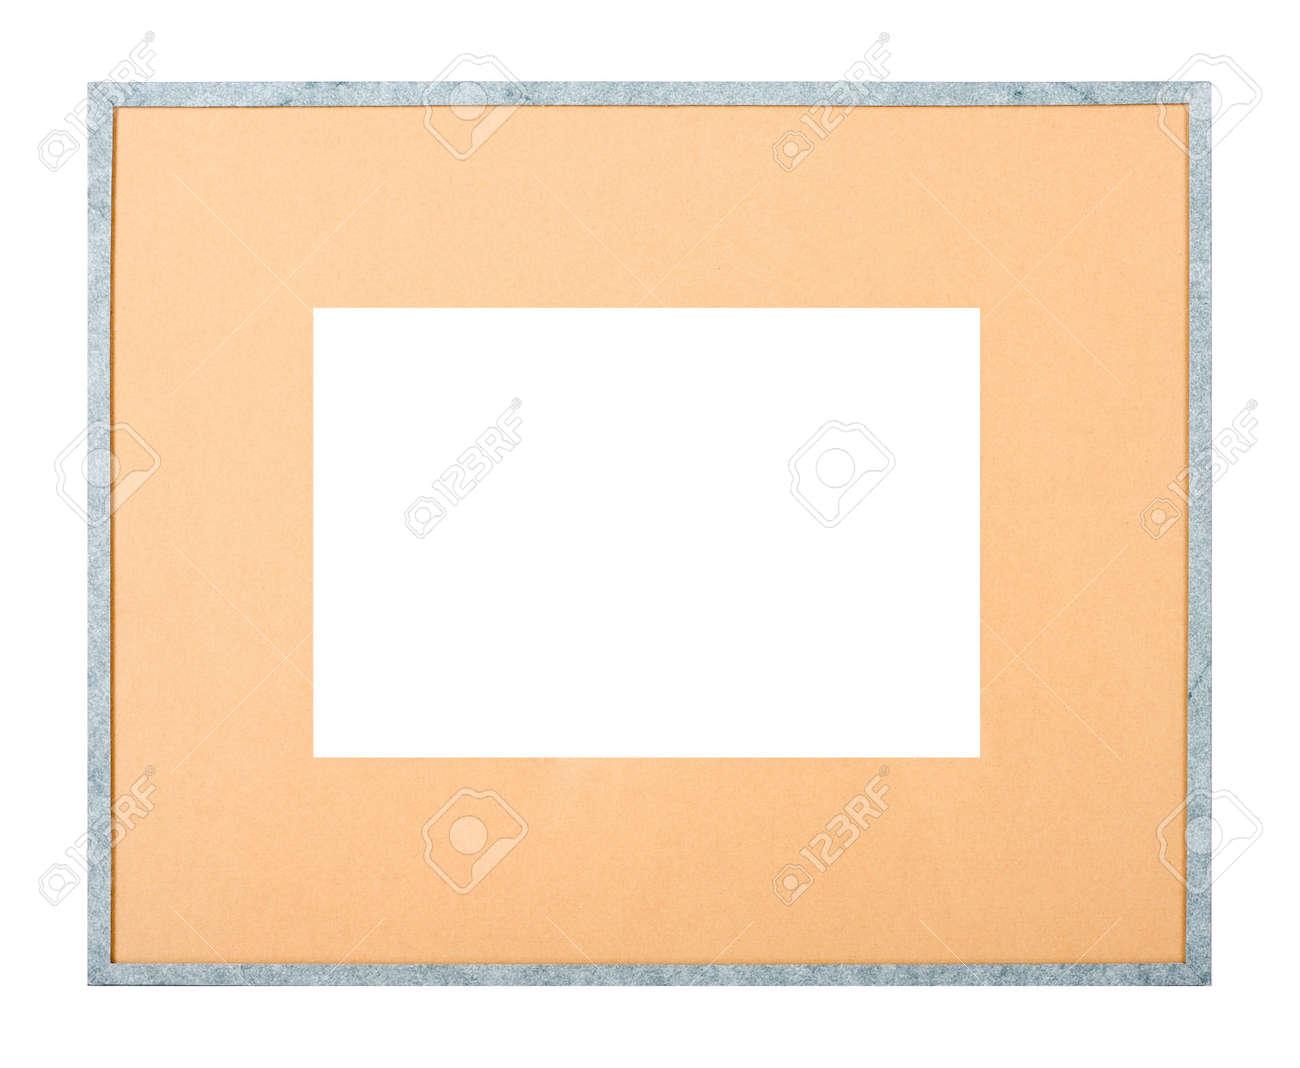 Modernen Stil Grau Bilderrahmen Mit Pappe Matte Schneiden Sie